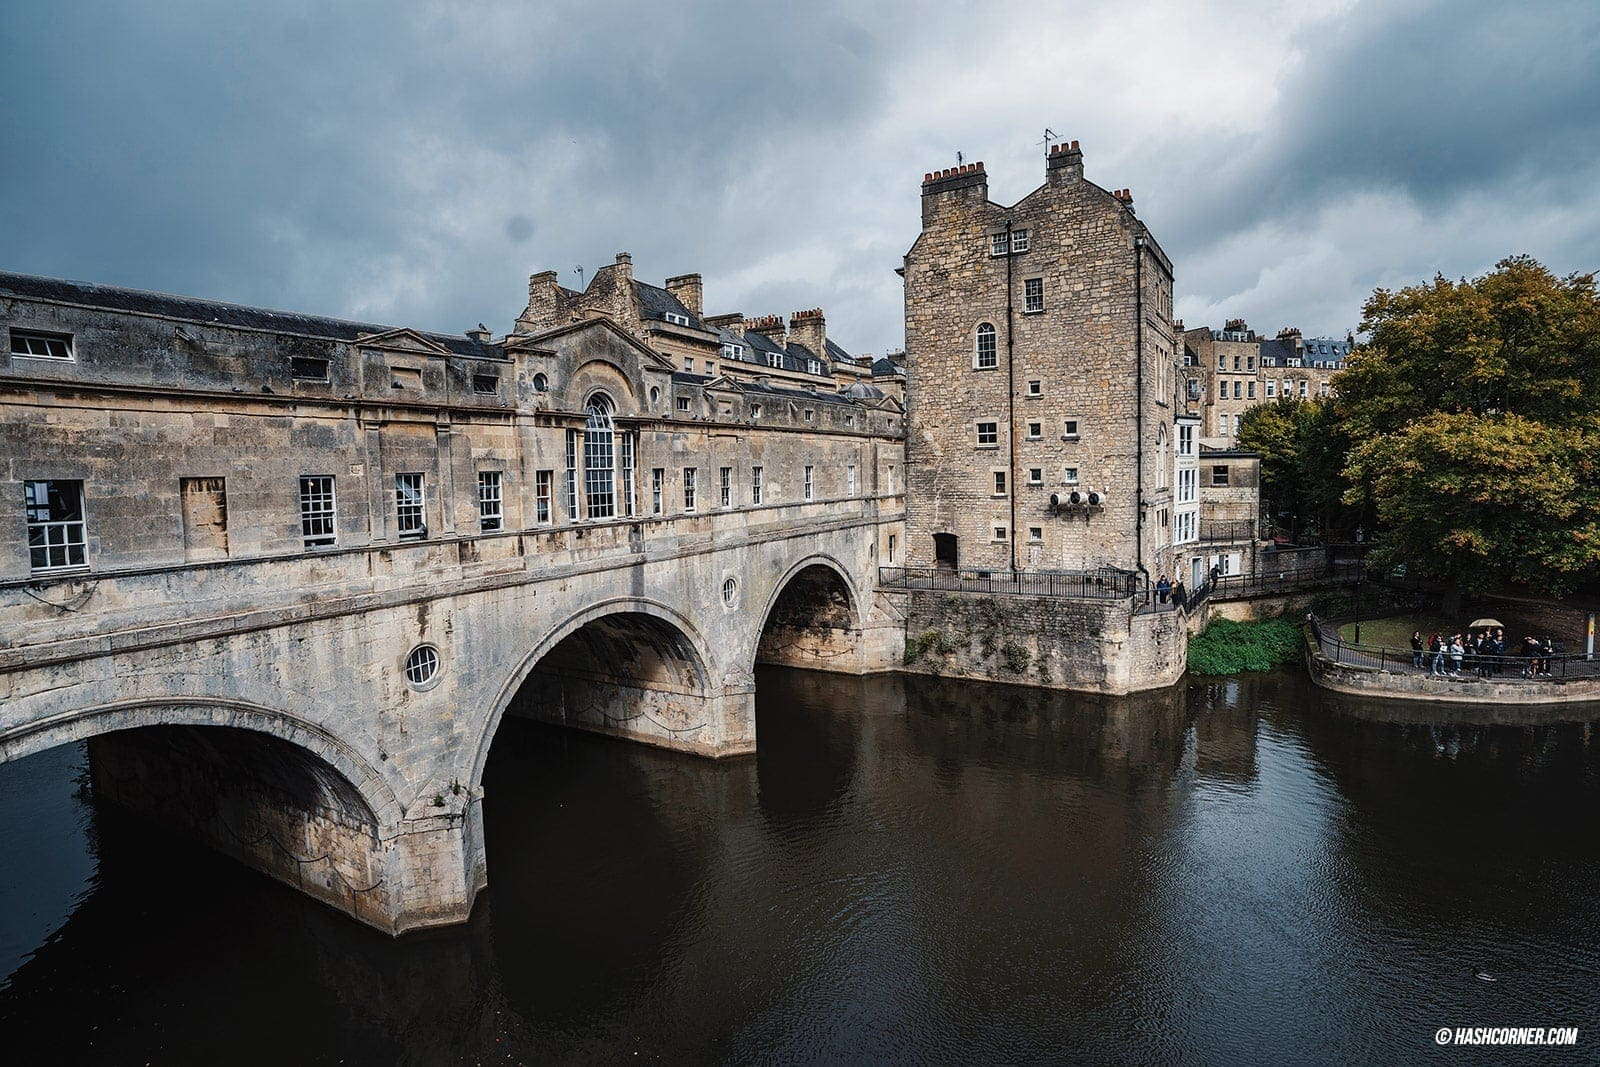 รีวิว บาธ (Bath) x อังกฤษ เที่ยวเก่งครบรส!